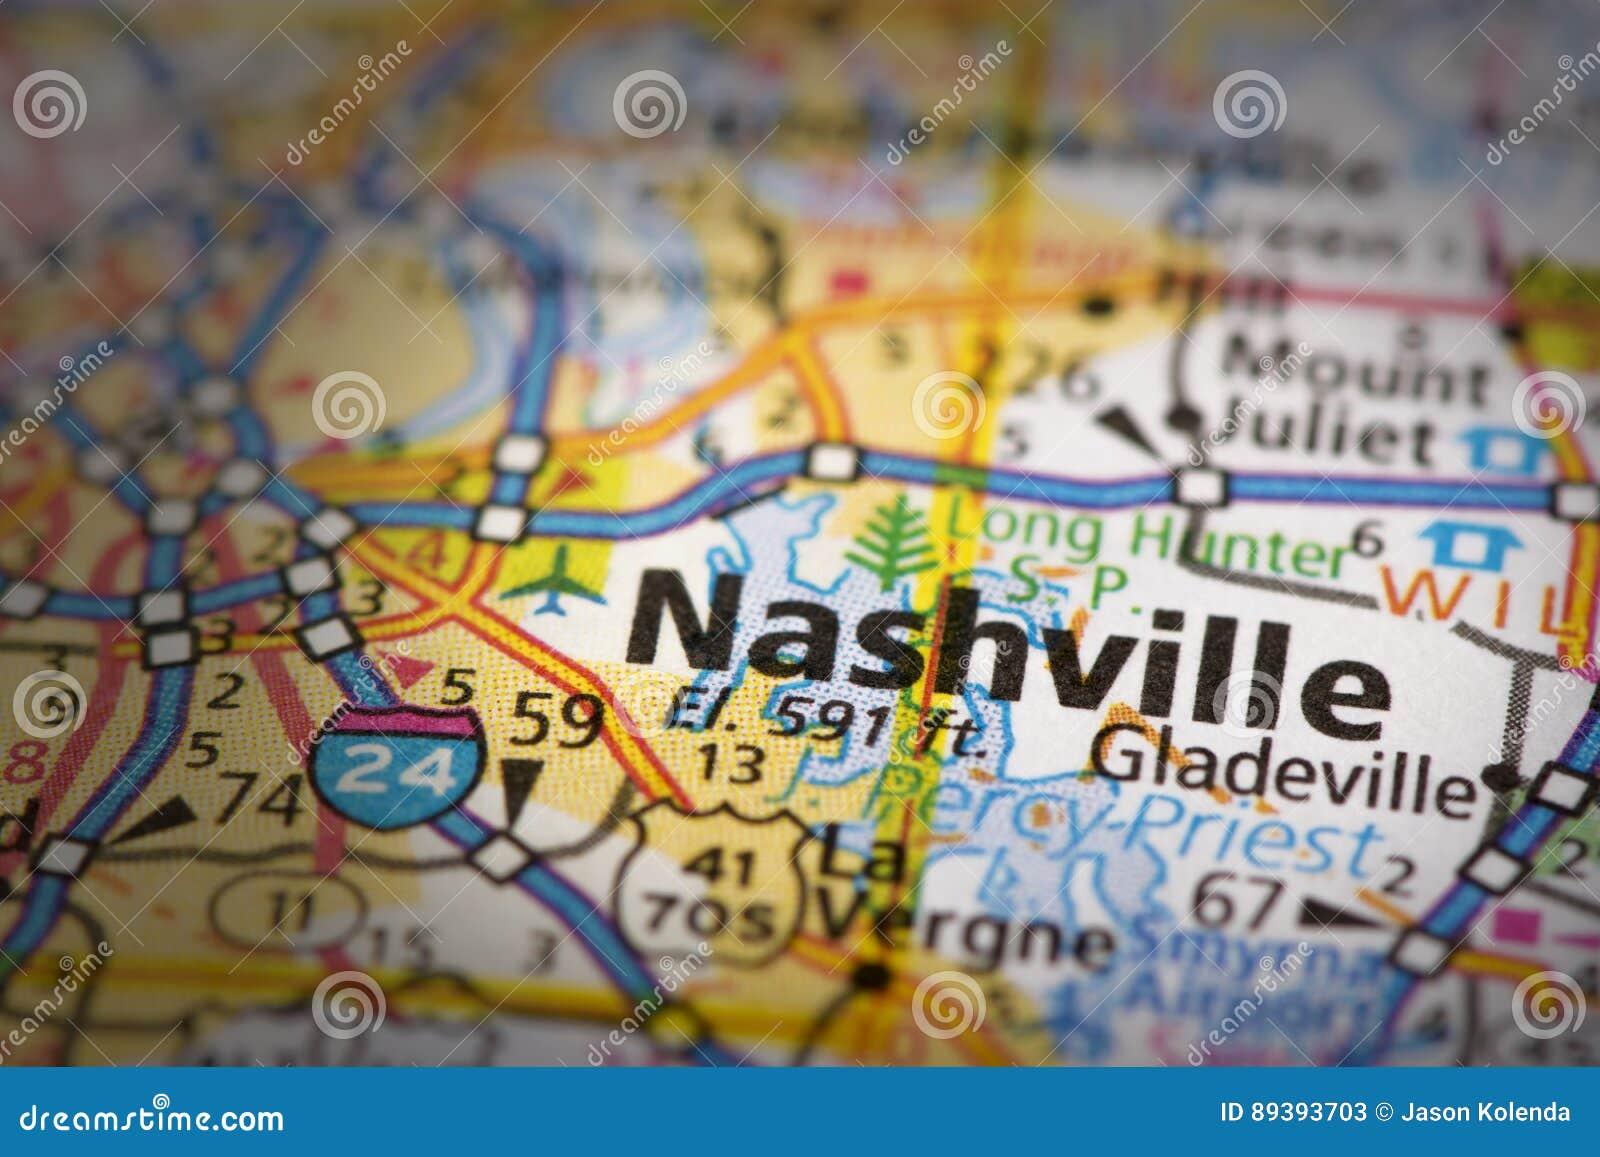 Us Map Nashville.Nashville On Map Stock Image Image Of Destination Paper 89393703